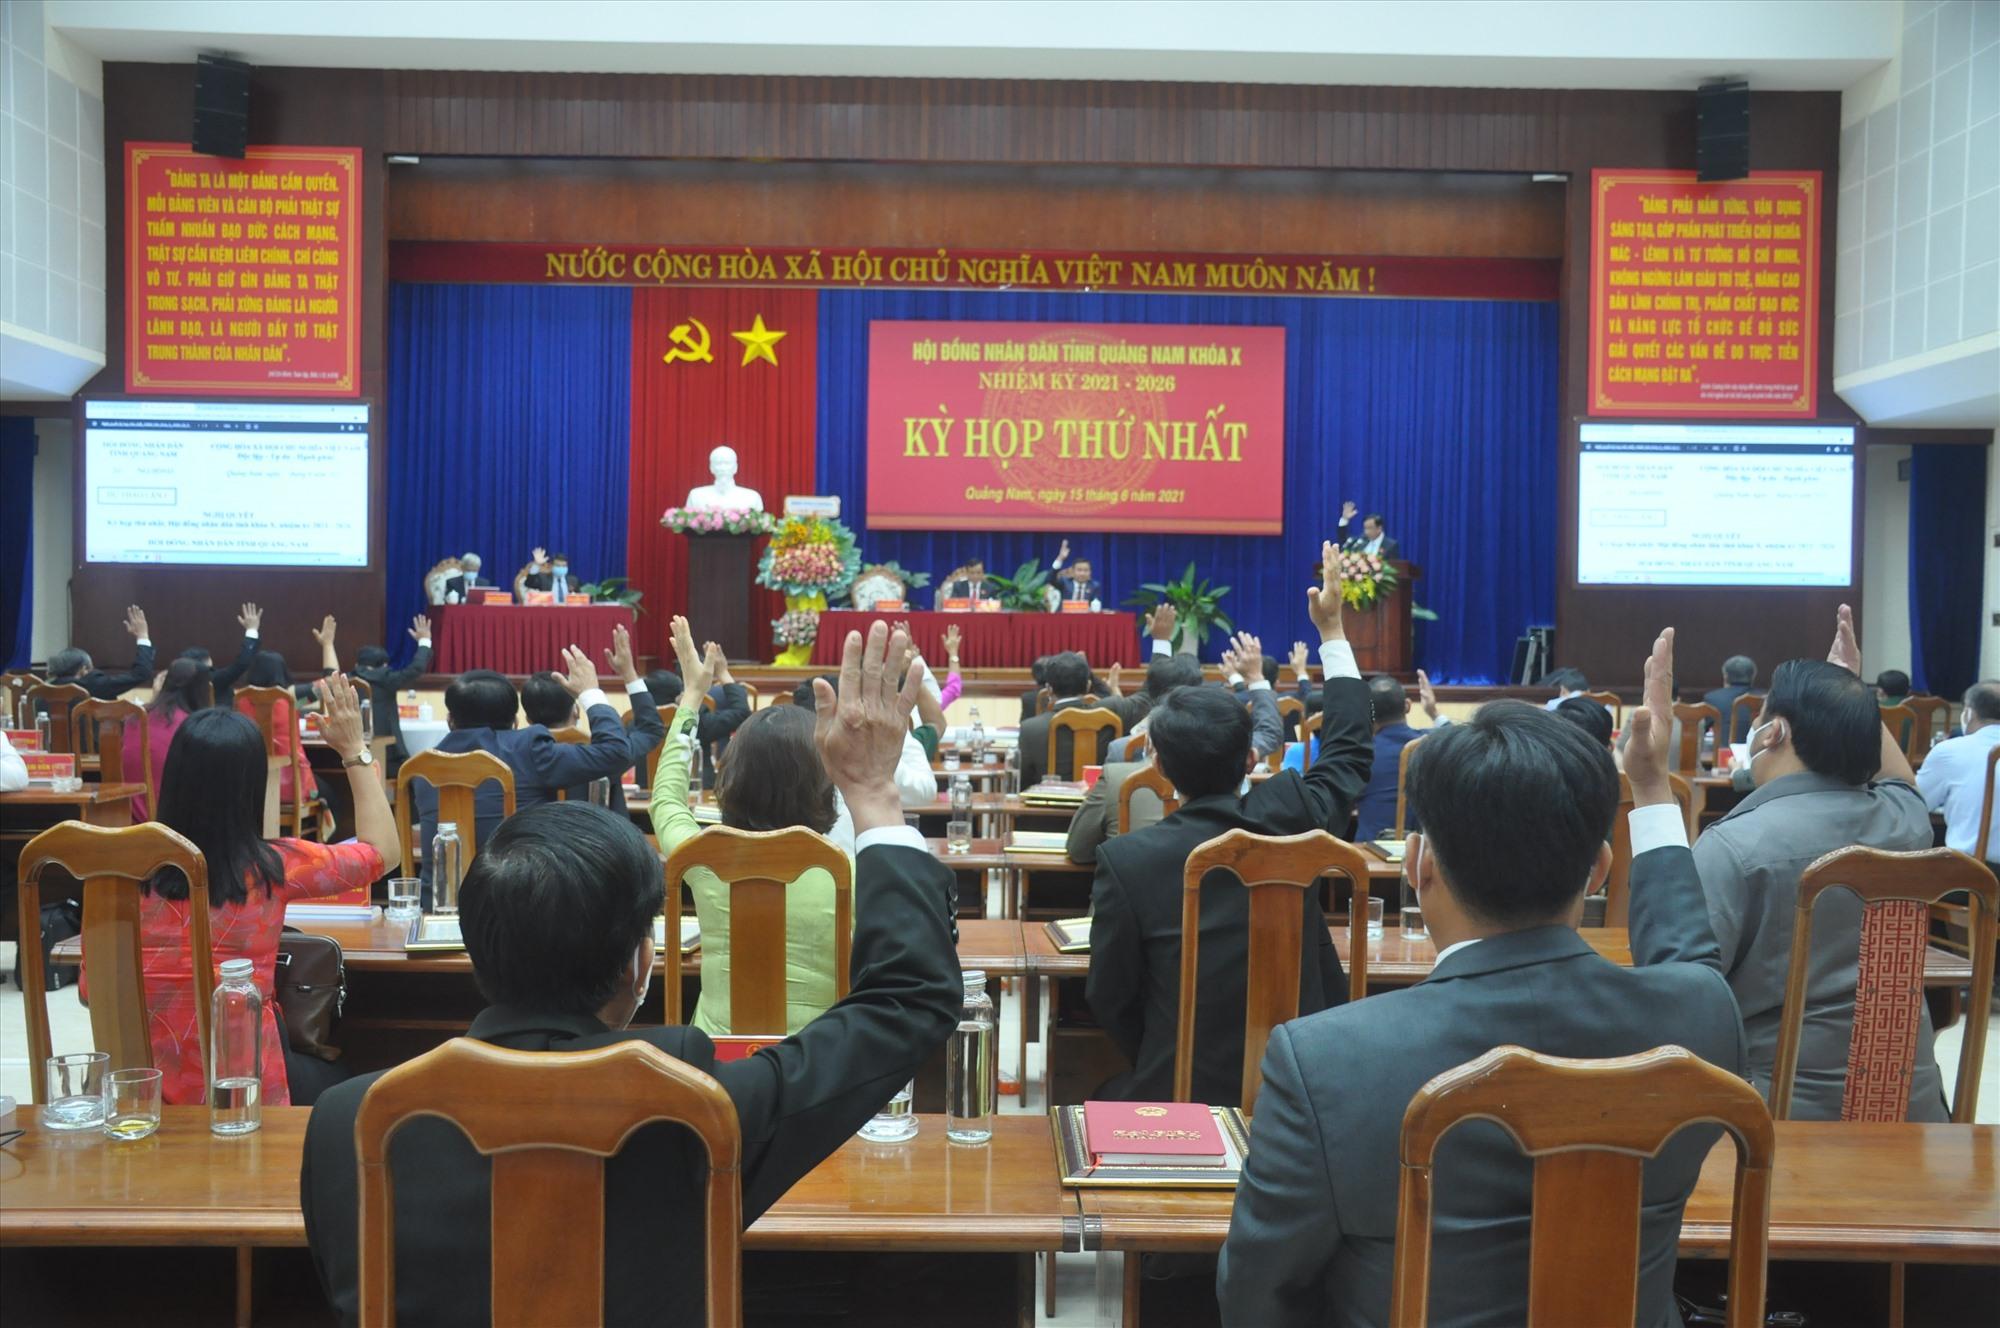 Đại biểu HĐND tỉnh biểu quyết thông qua các nghị quyết tại Kỳ họp thứ nhất HĐND tỉnh khóa X. Ảnh: Đ.P